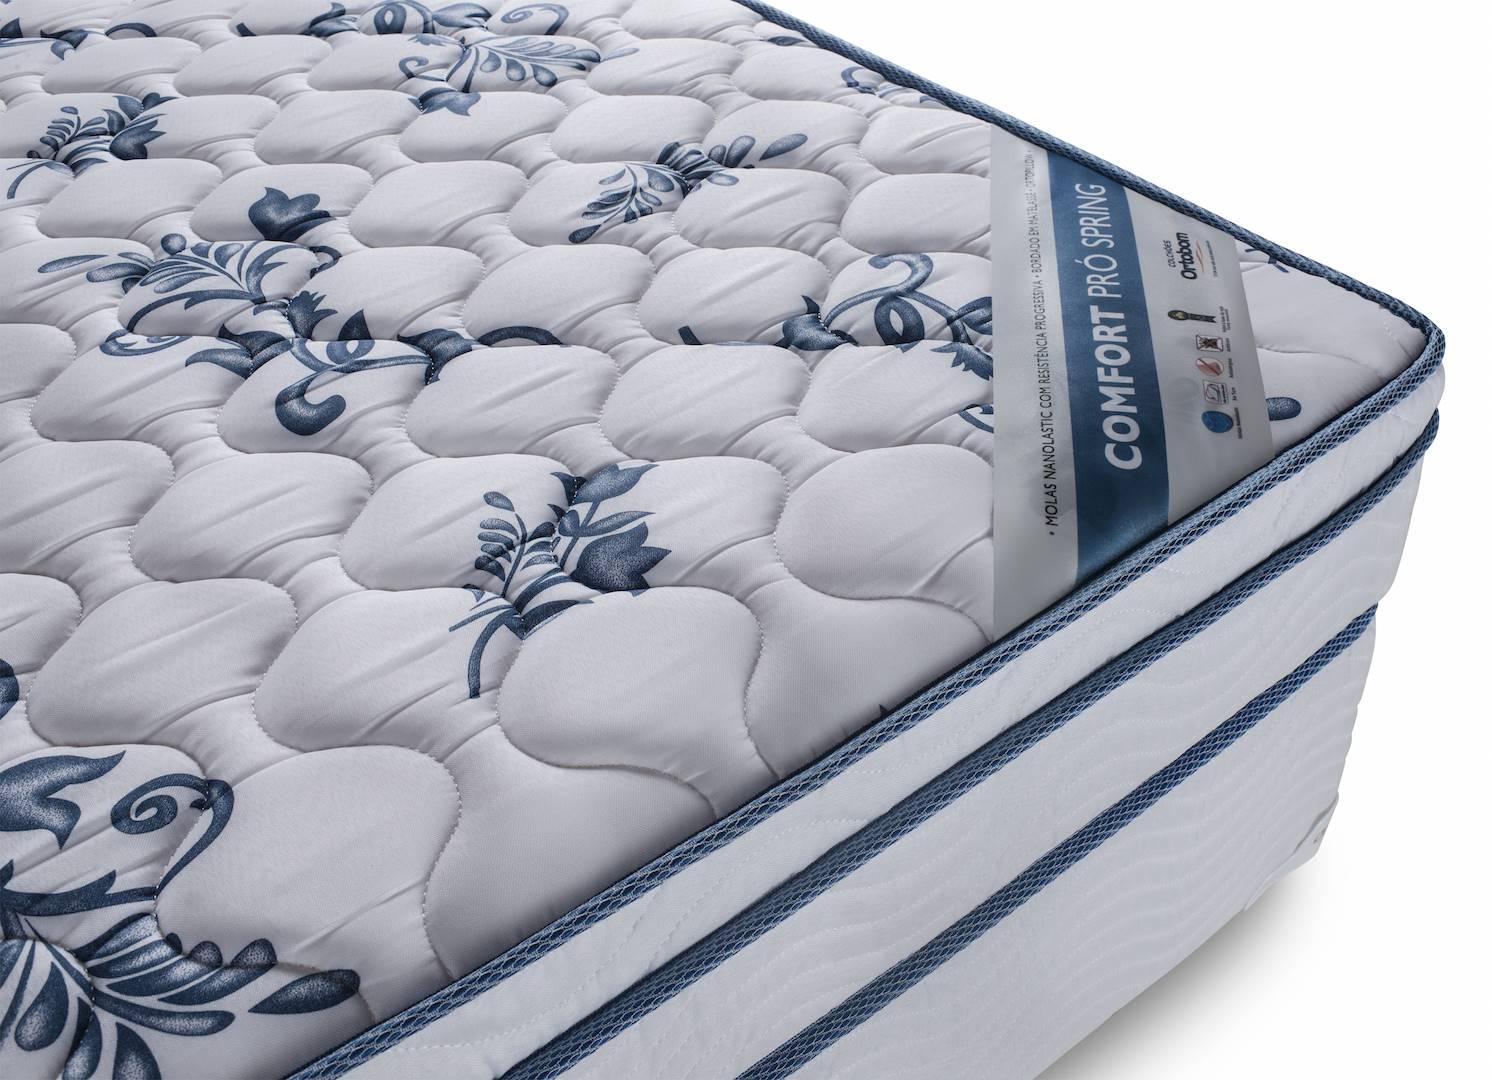 Colchao Comfort Pro Spring Queen 158 cm (LARG) Branco e Azul - 43018